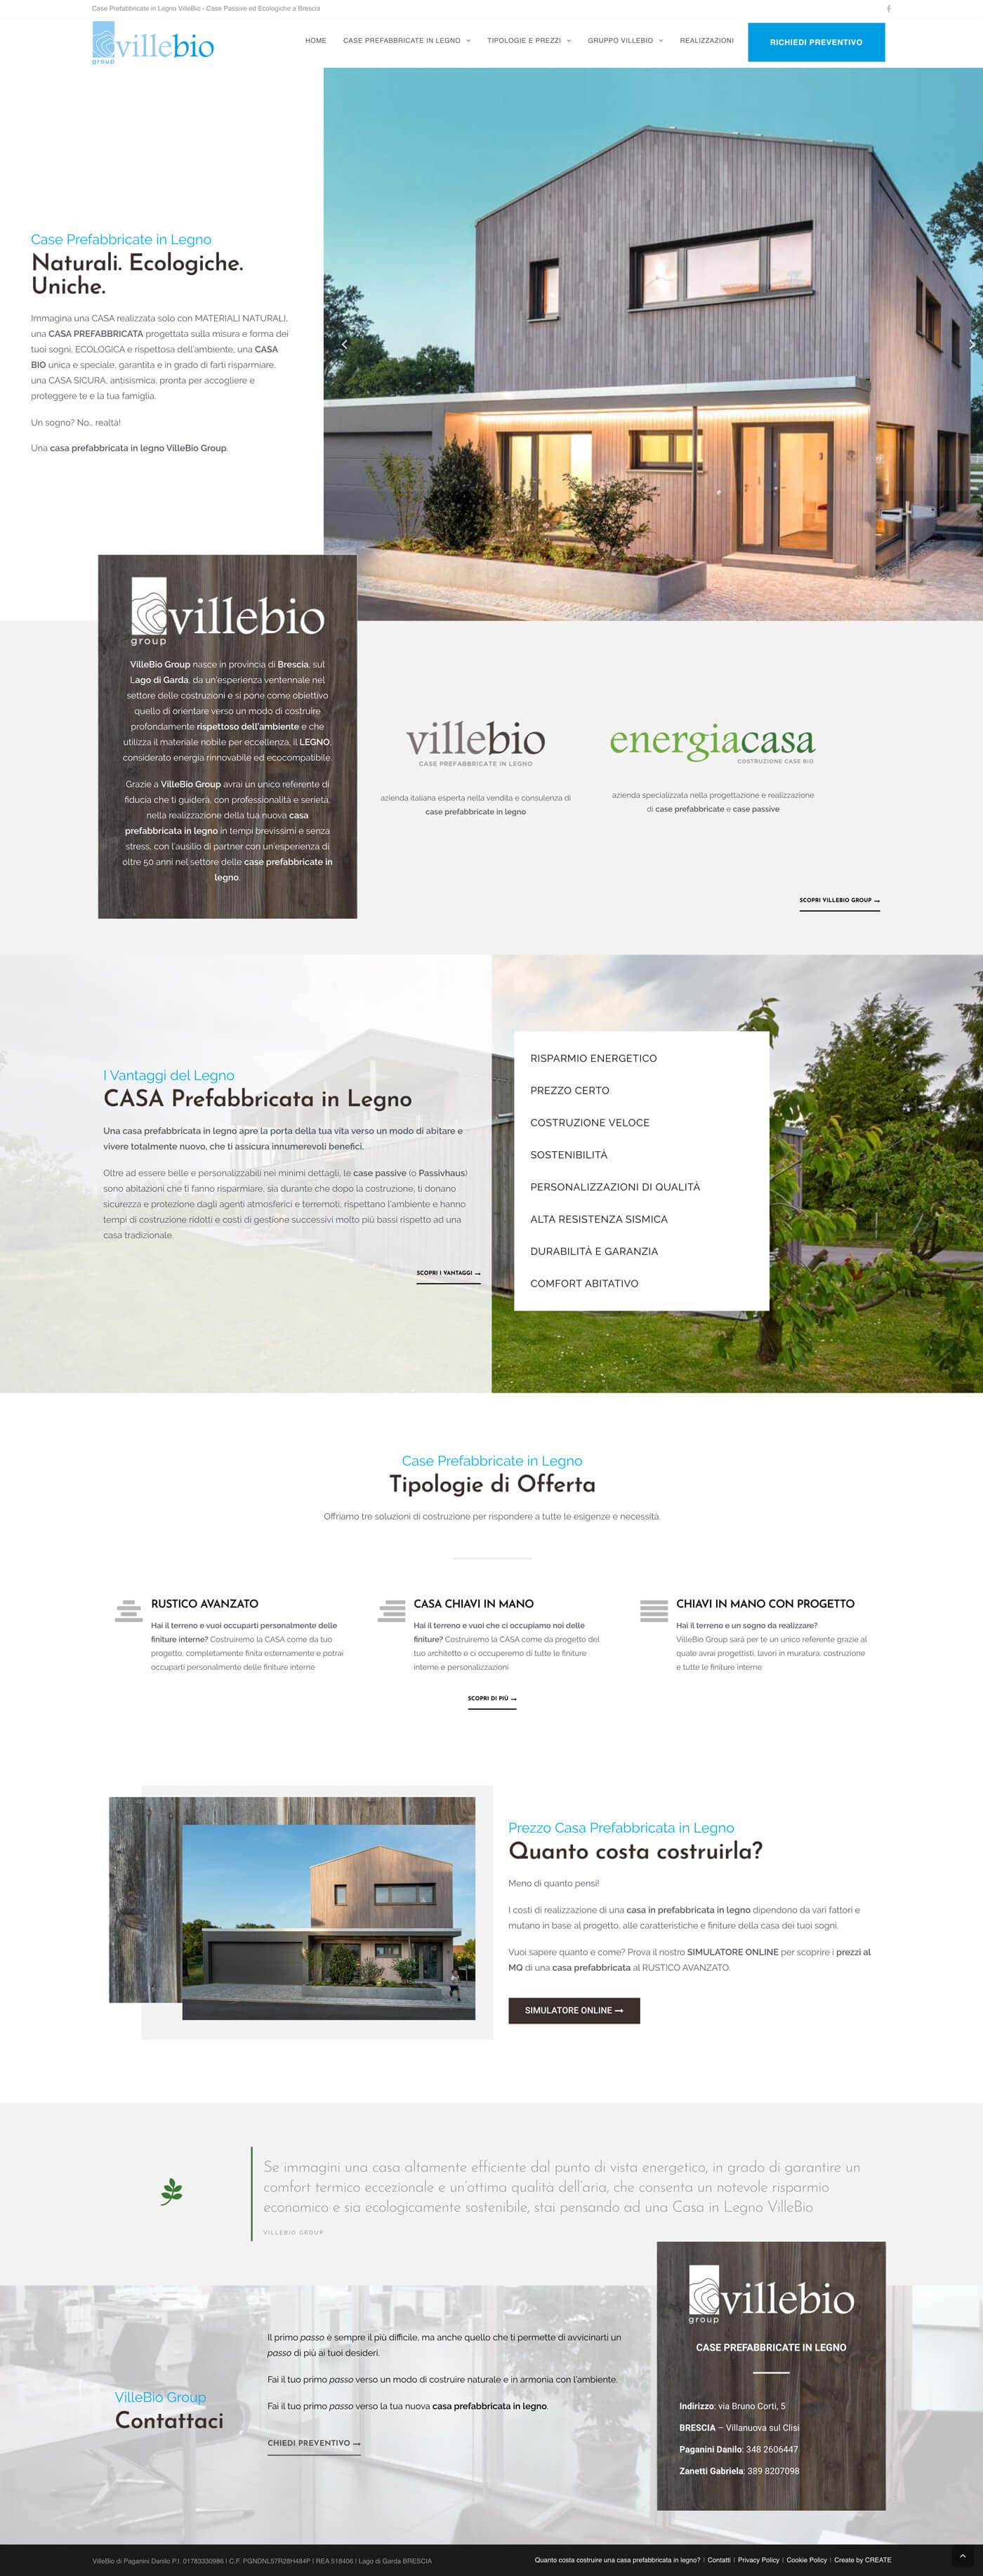 Realizzazione sito web per case prefabbricate in legno ecologiche e passive